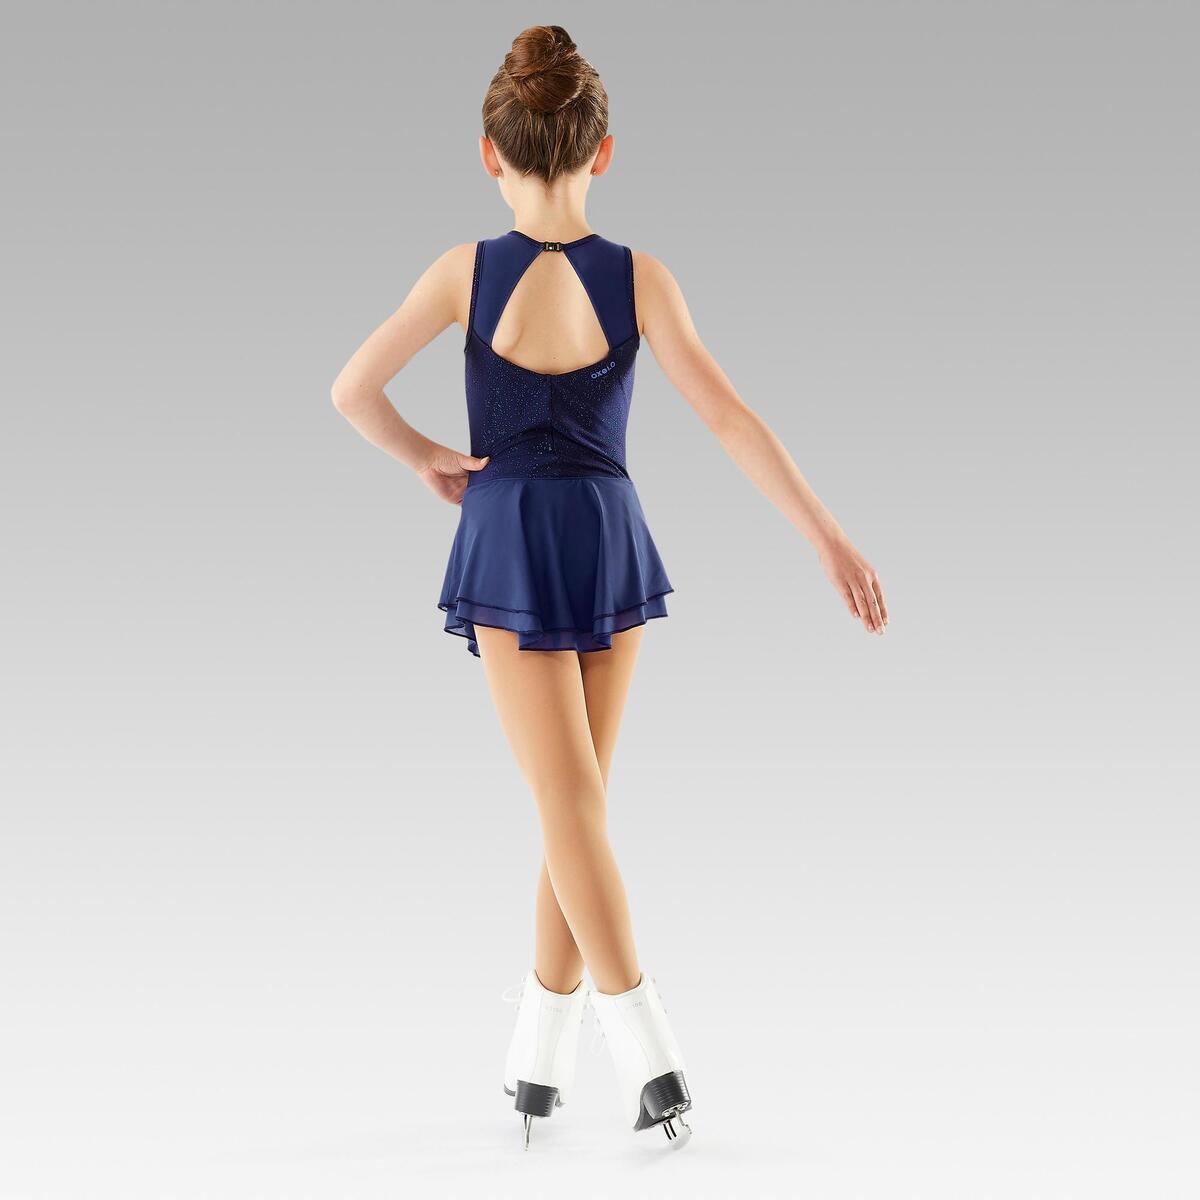 Bild 4 von Eiskunstlaufkleid Kinder nachtblau